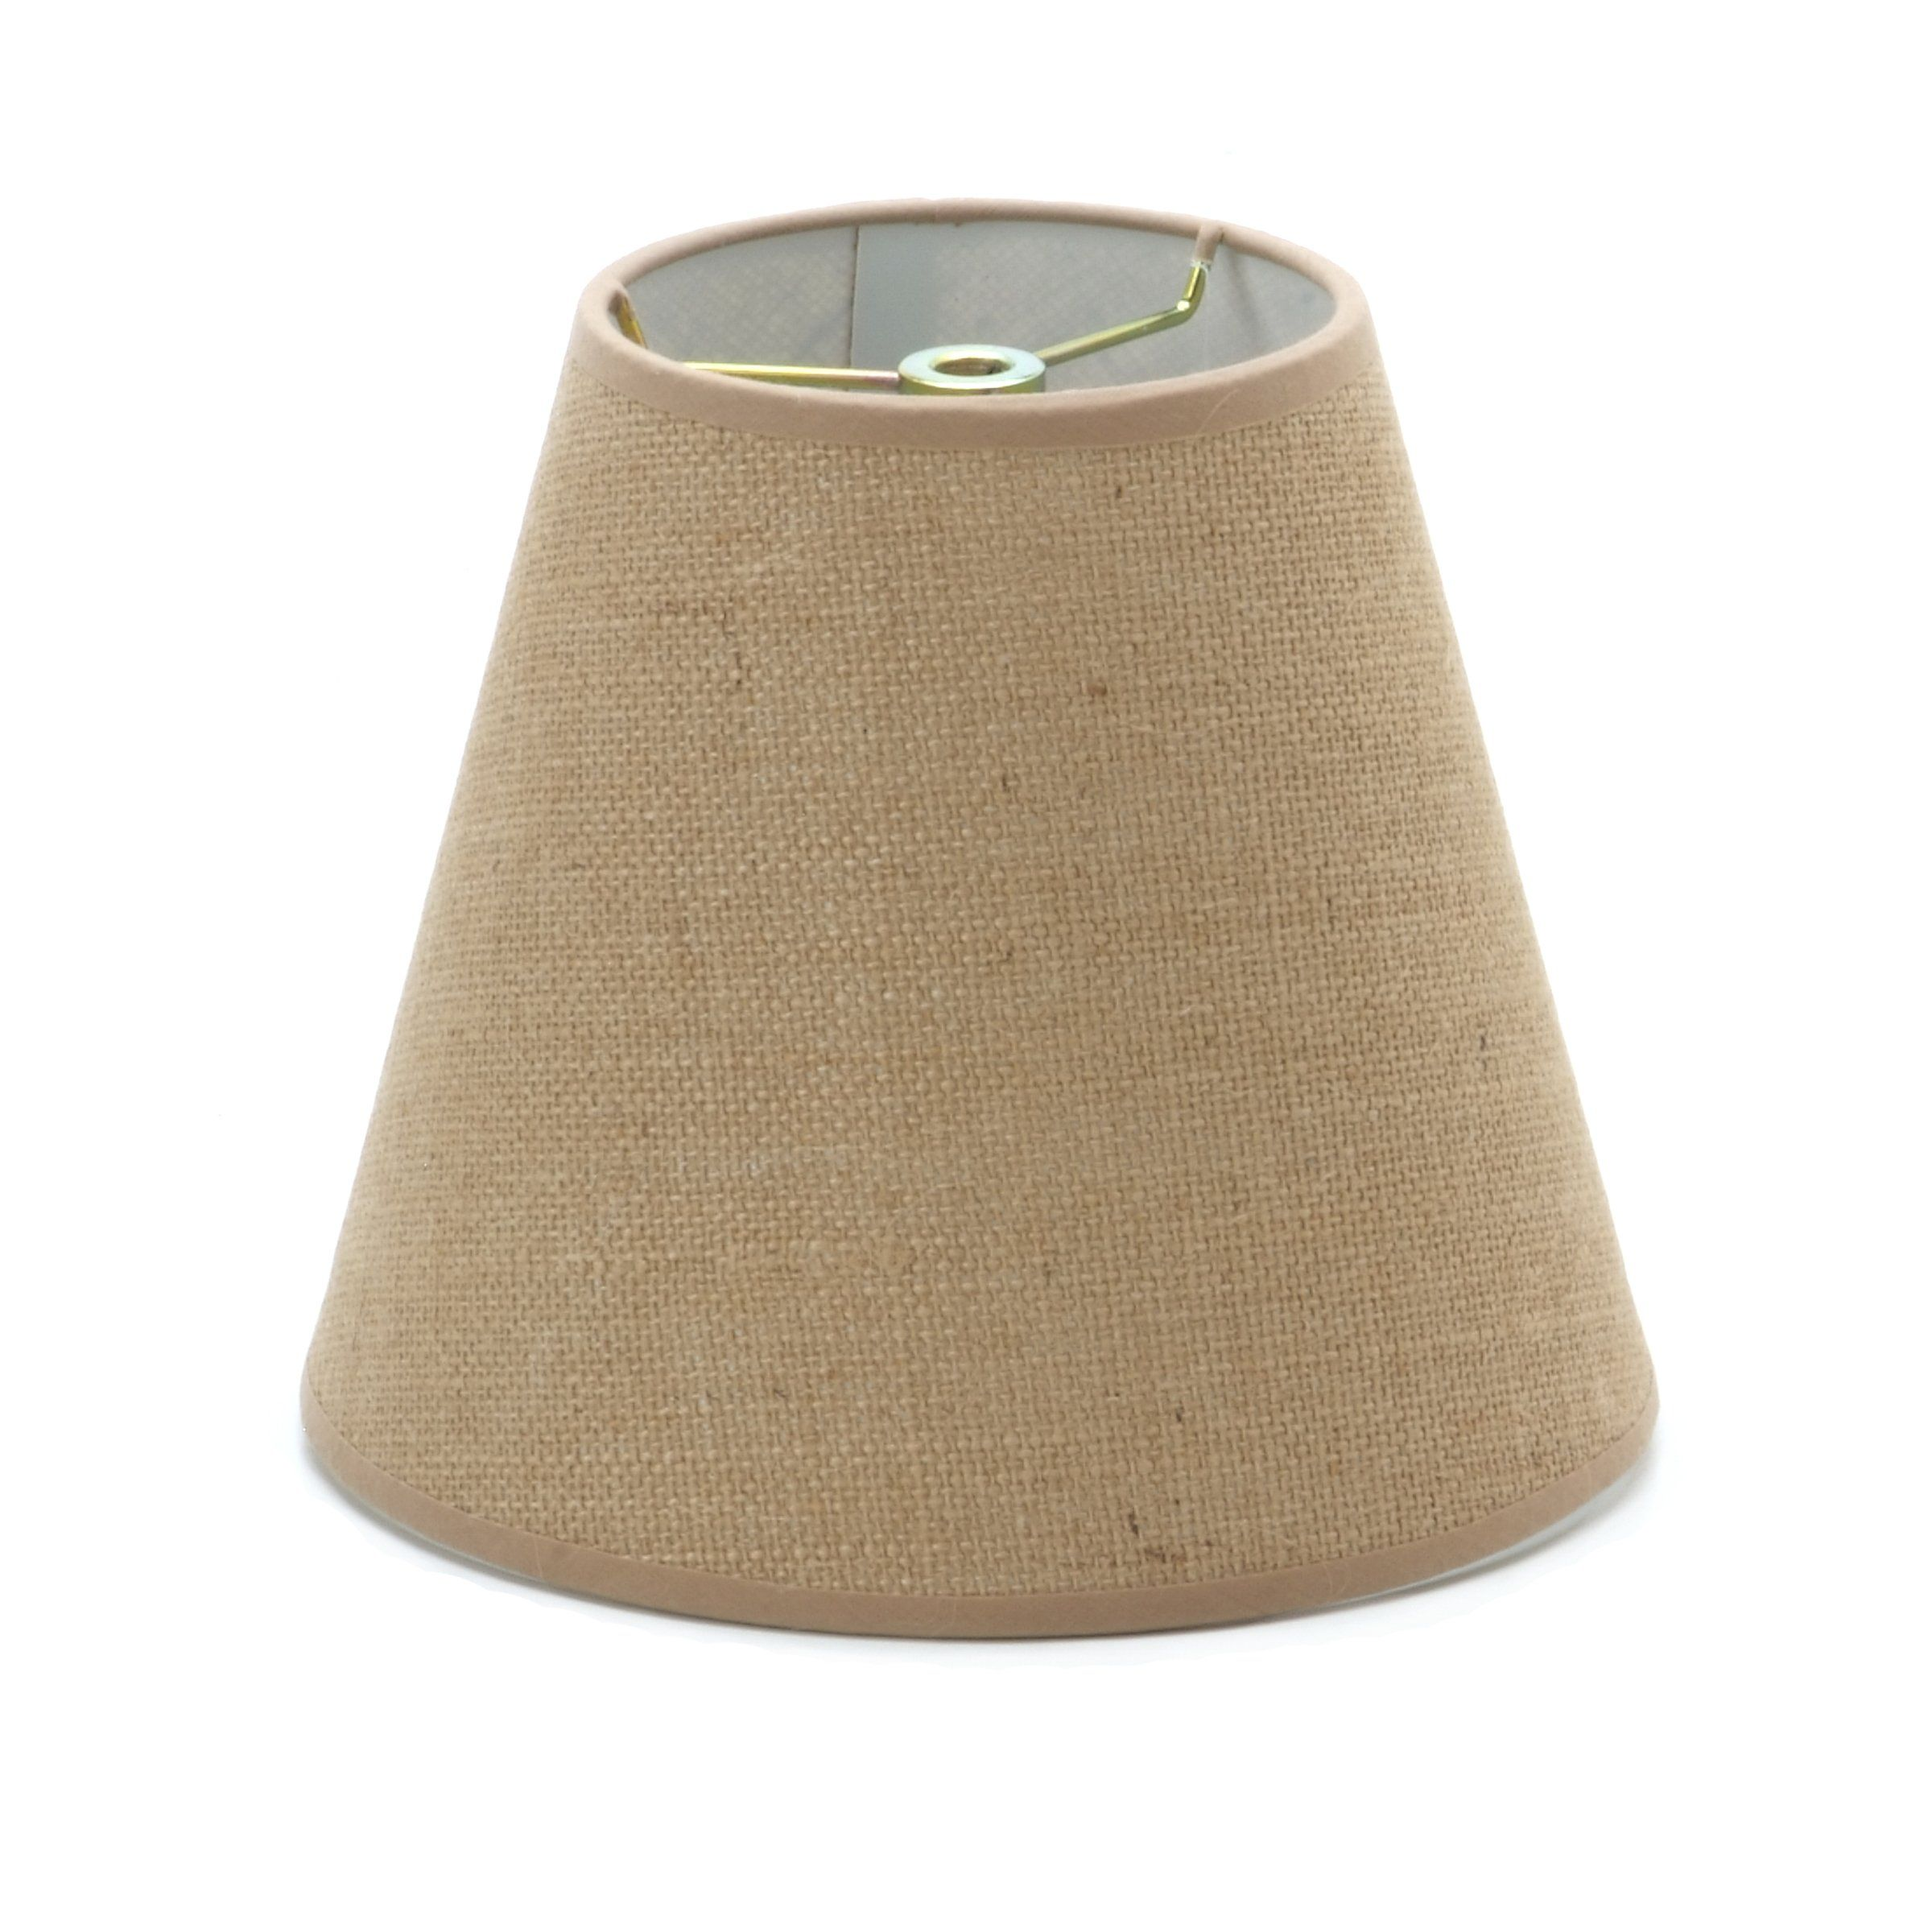 Darice Burlap Lamp Shade Lampshade Visit The Image Link More